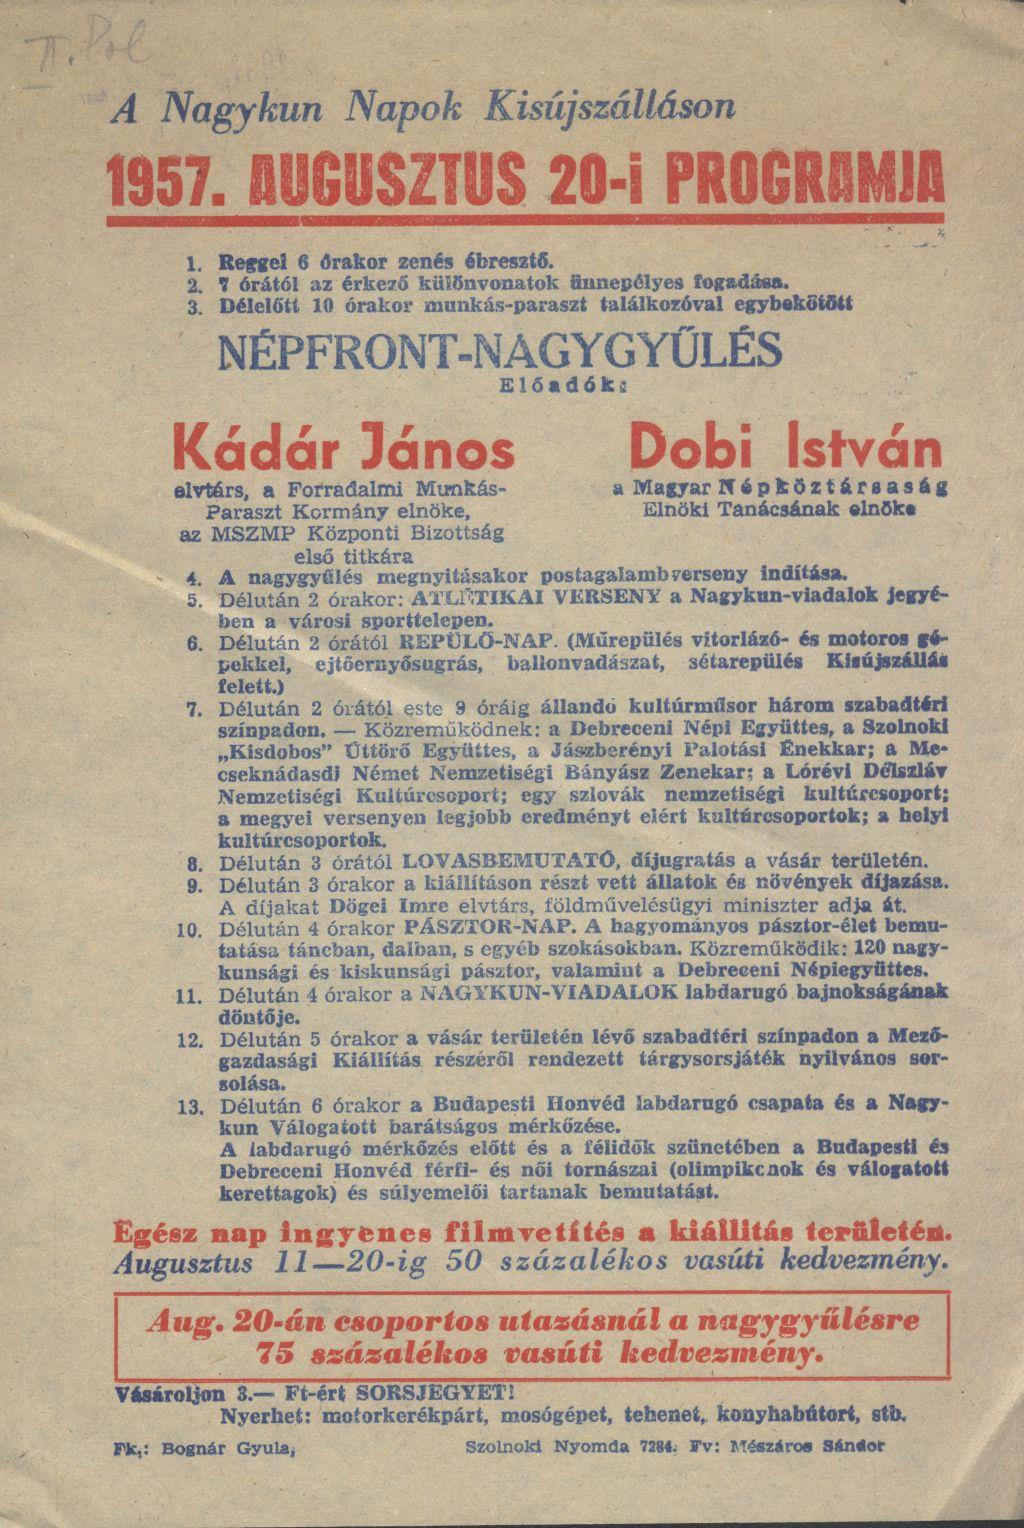 A Nagykun Napok Kisújszálláson 1957. augusztus 20-i programja